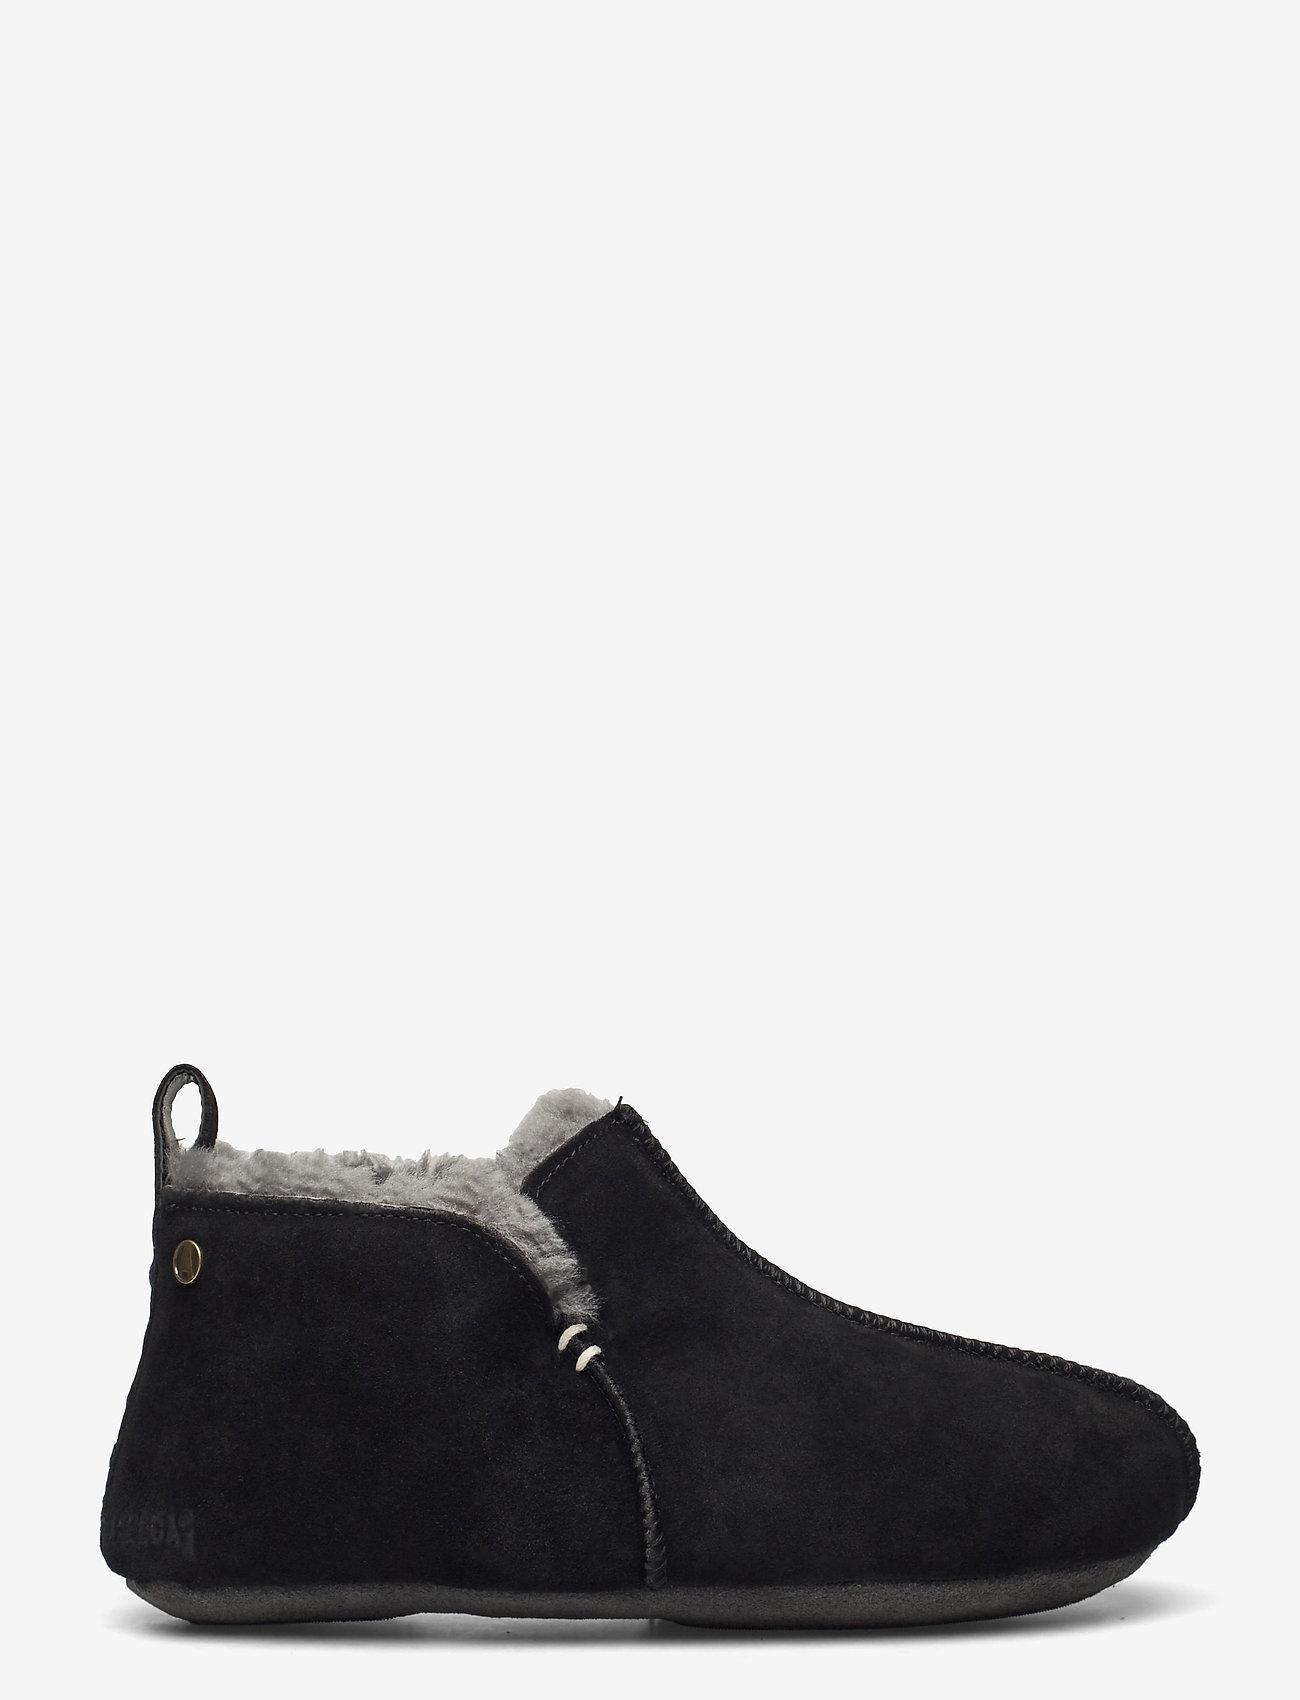 Axelda for Feet - Innsbruck - buty - black/asphalt - 1